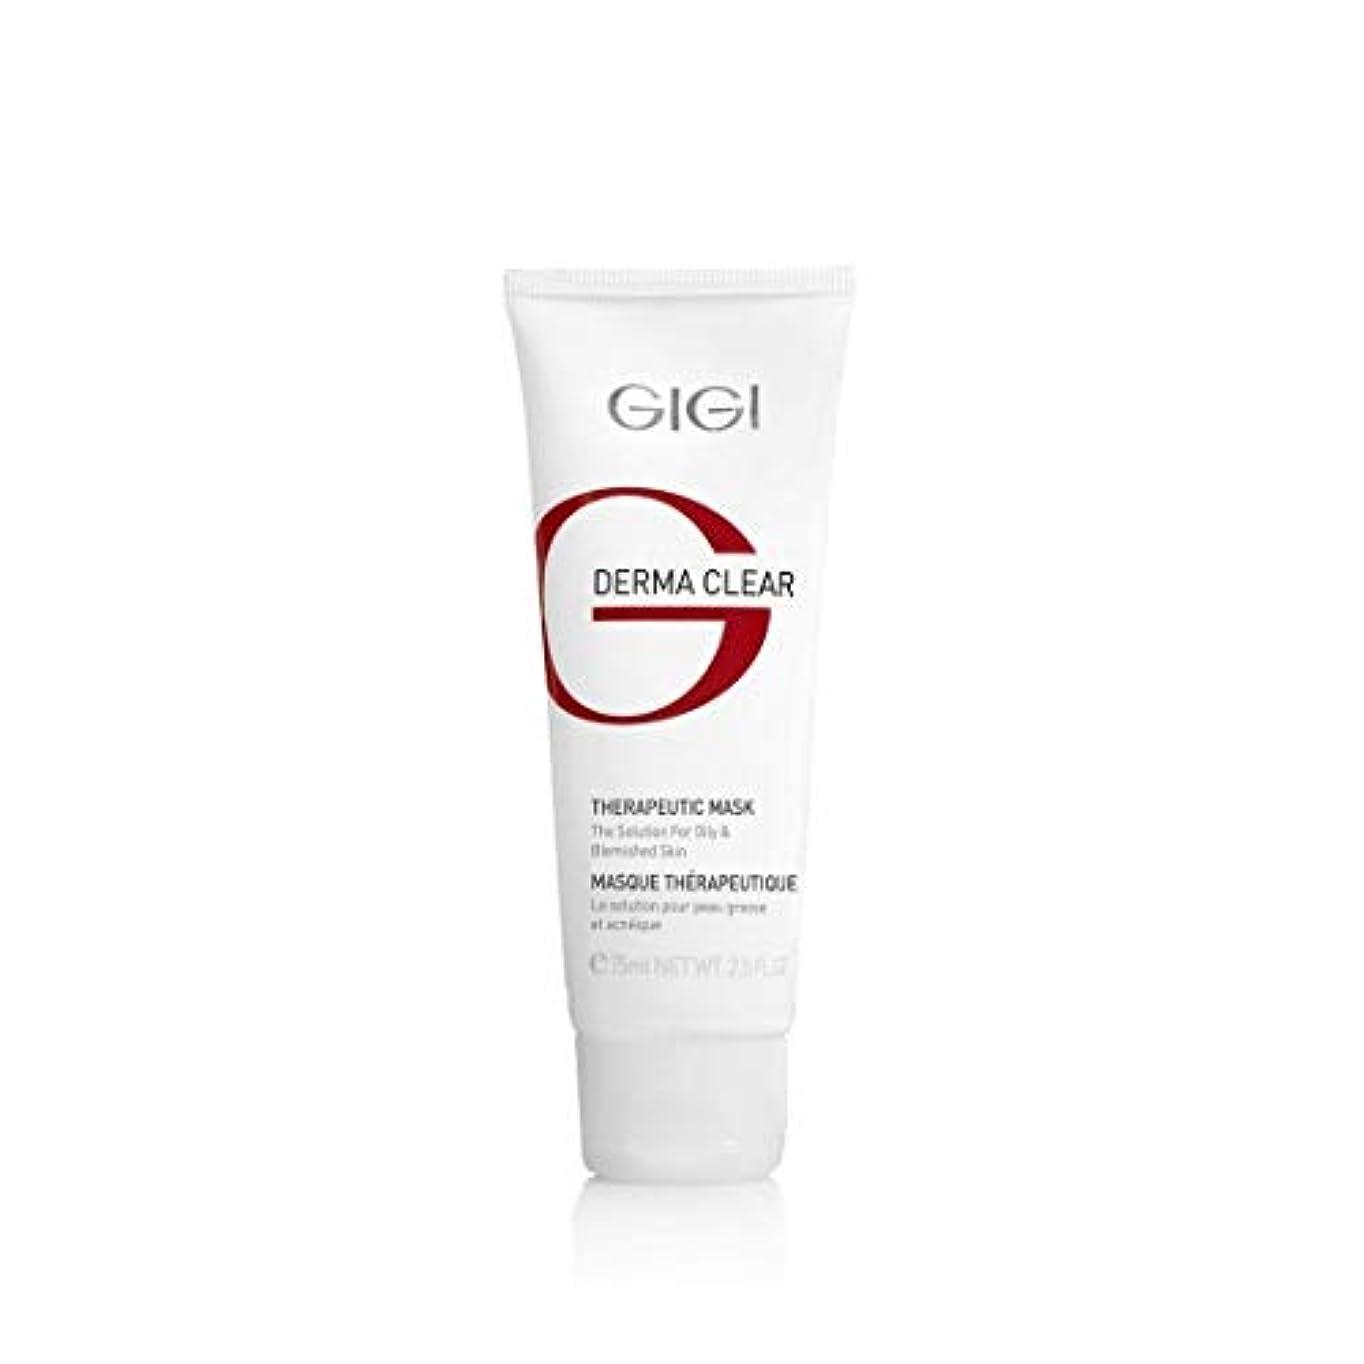 私たち自身マイクロオーロックGIGI Derma Clear Mask for Oily Skin 75ml